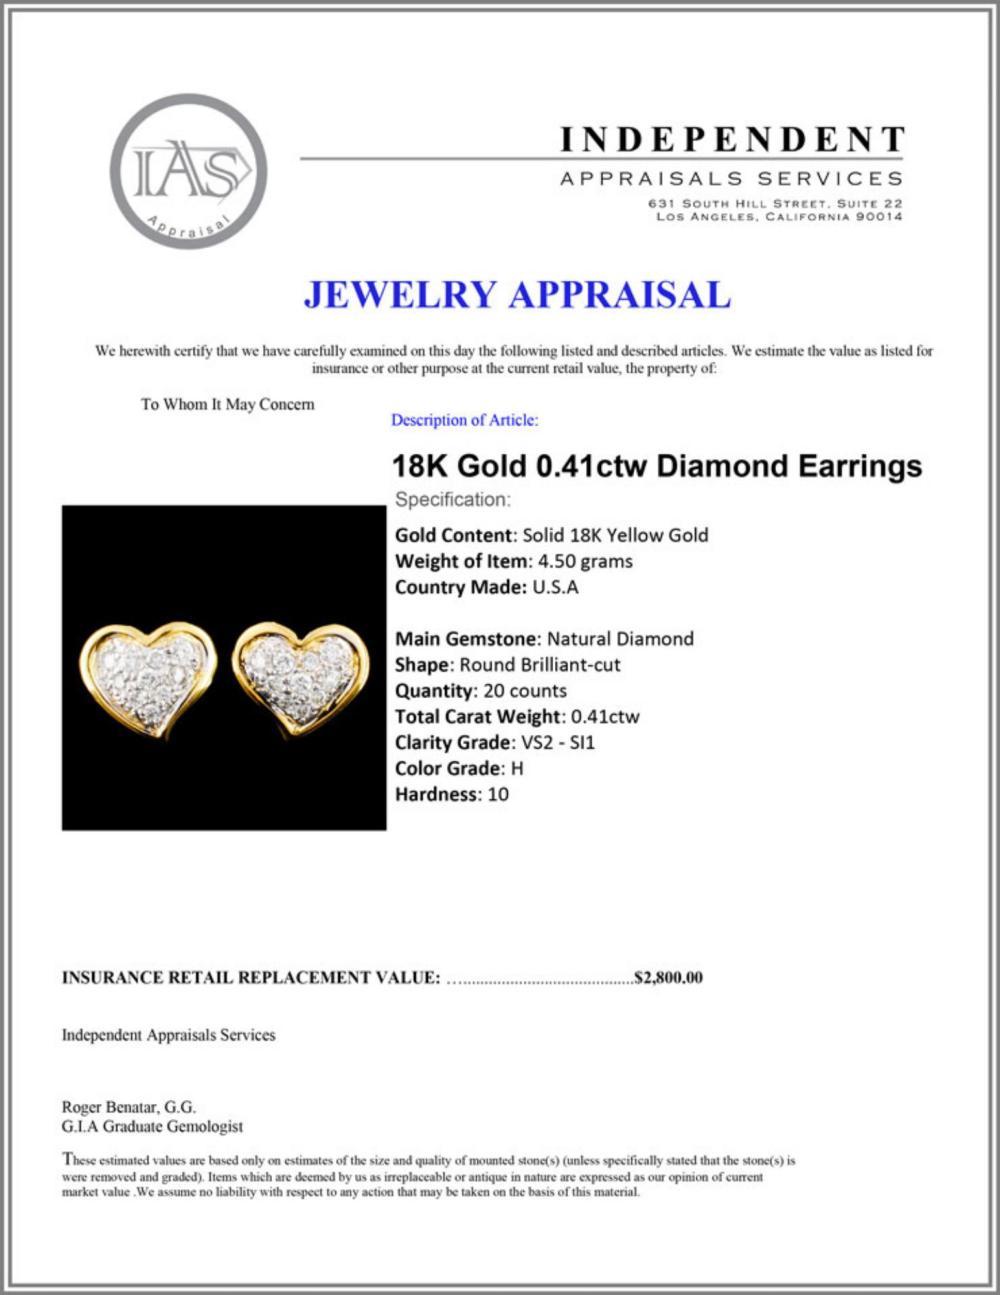 Lot 136: 18K Gold 0.41ctw Diamond Earrings